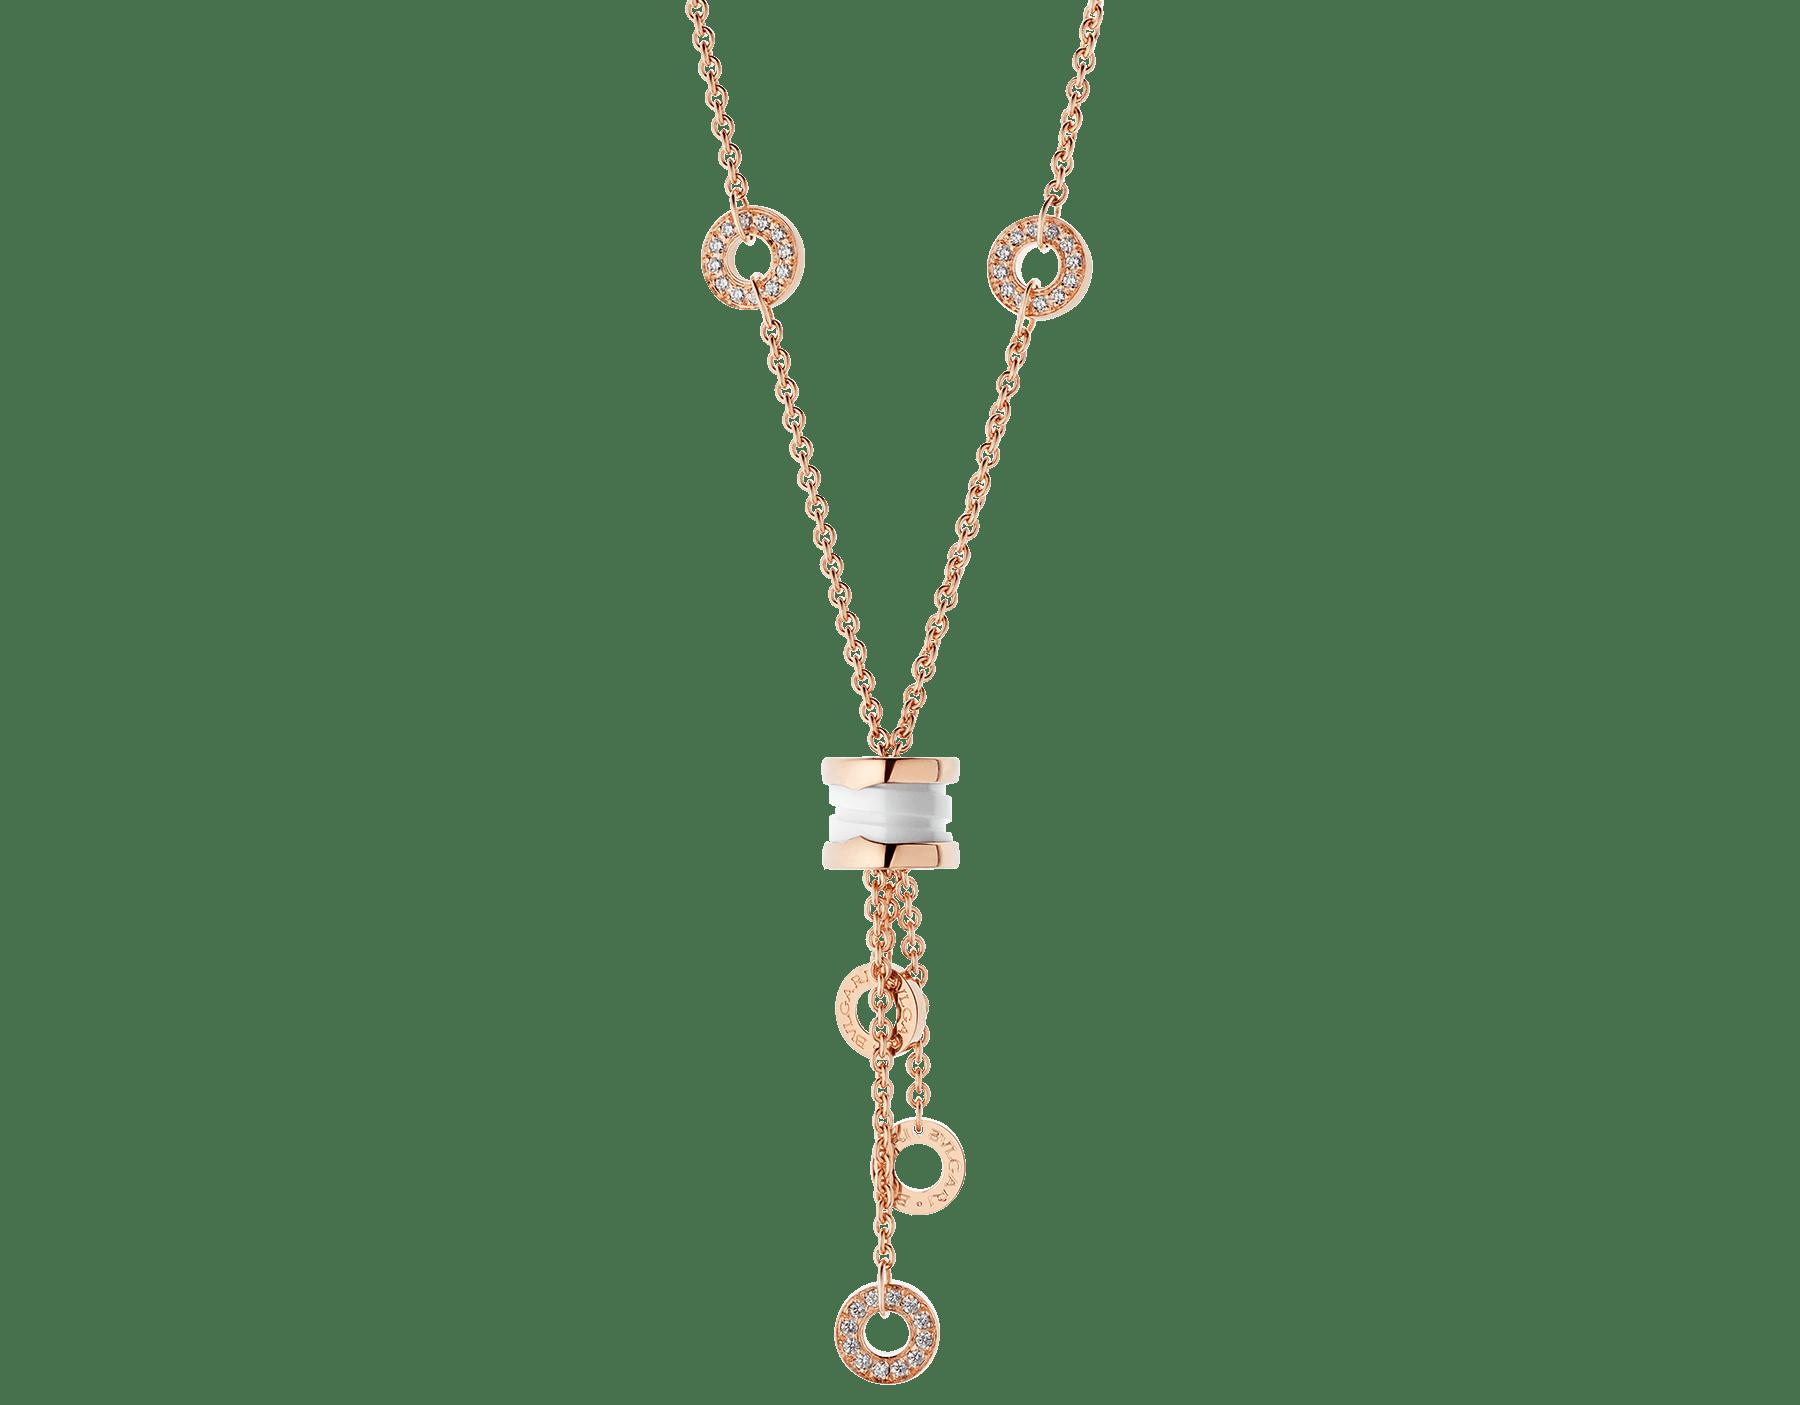 Colar B.zero1 com corrente em ouro rosa 18K cravejada com pavê de diamantes, pingente em ouro rosa 18K e cerâmica branca. 347577 image 1